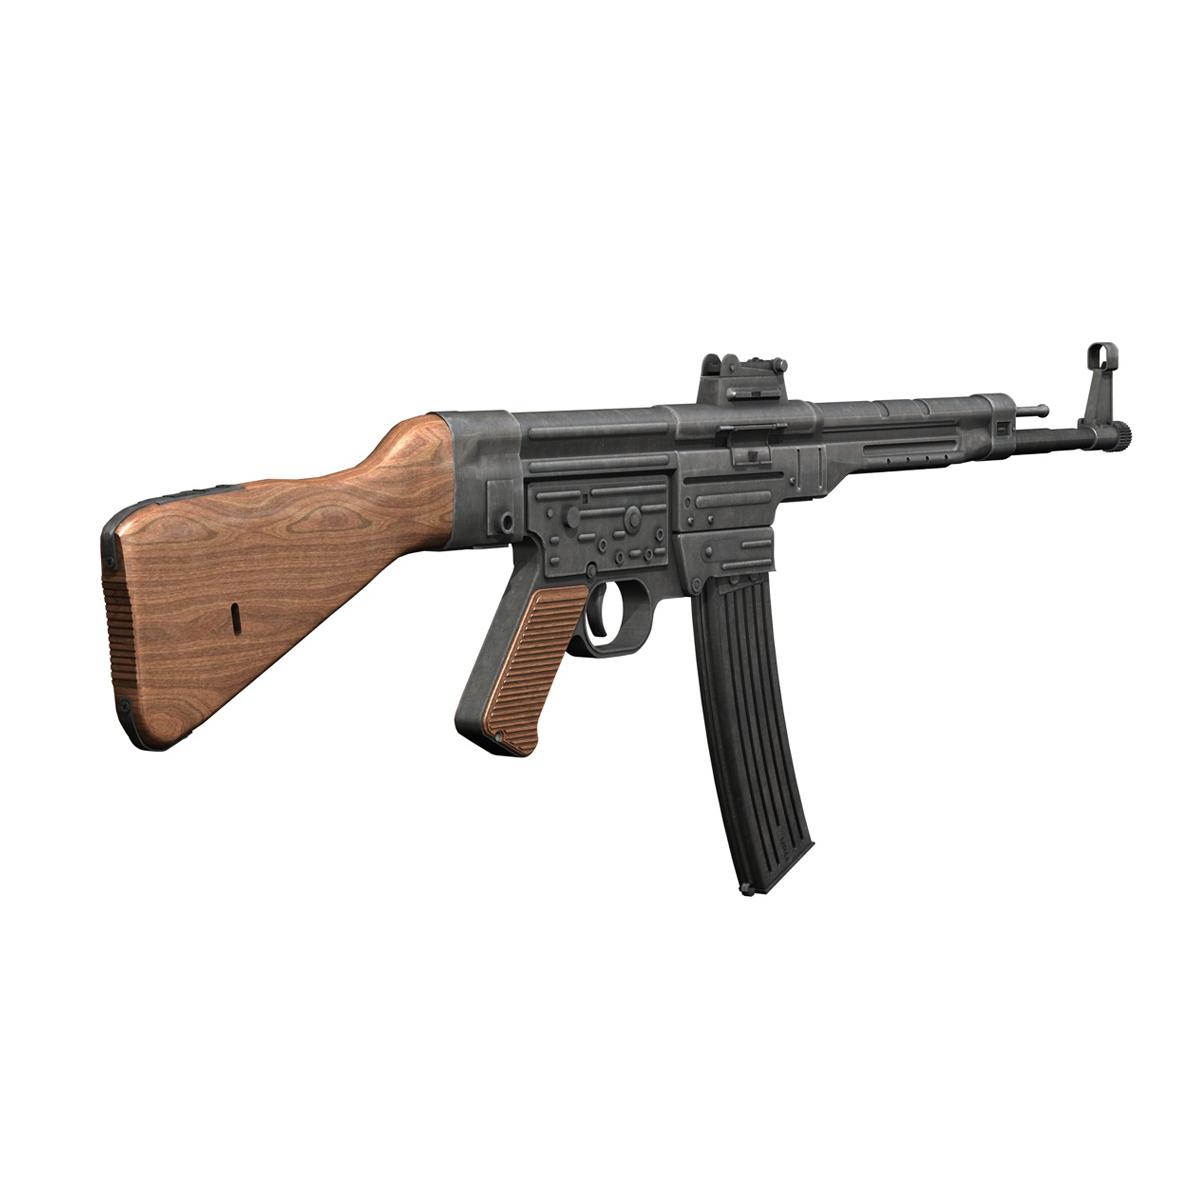 sturmgewehr 44 - mp44 - német támadás puska 3d modell 3ds fbx c4d lwo obj 195177